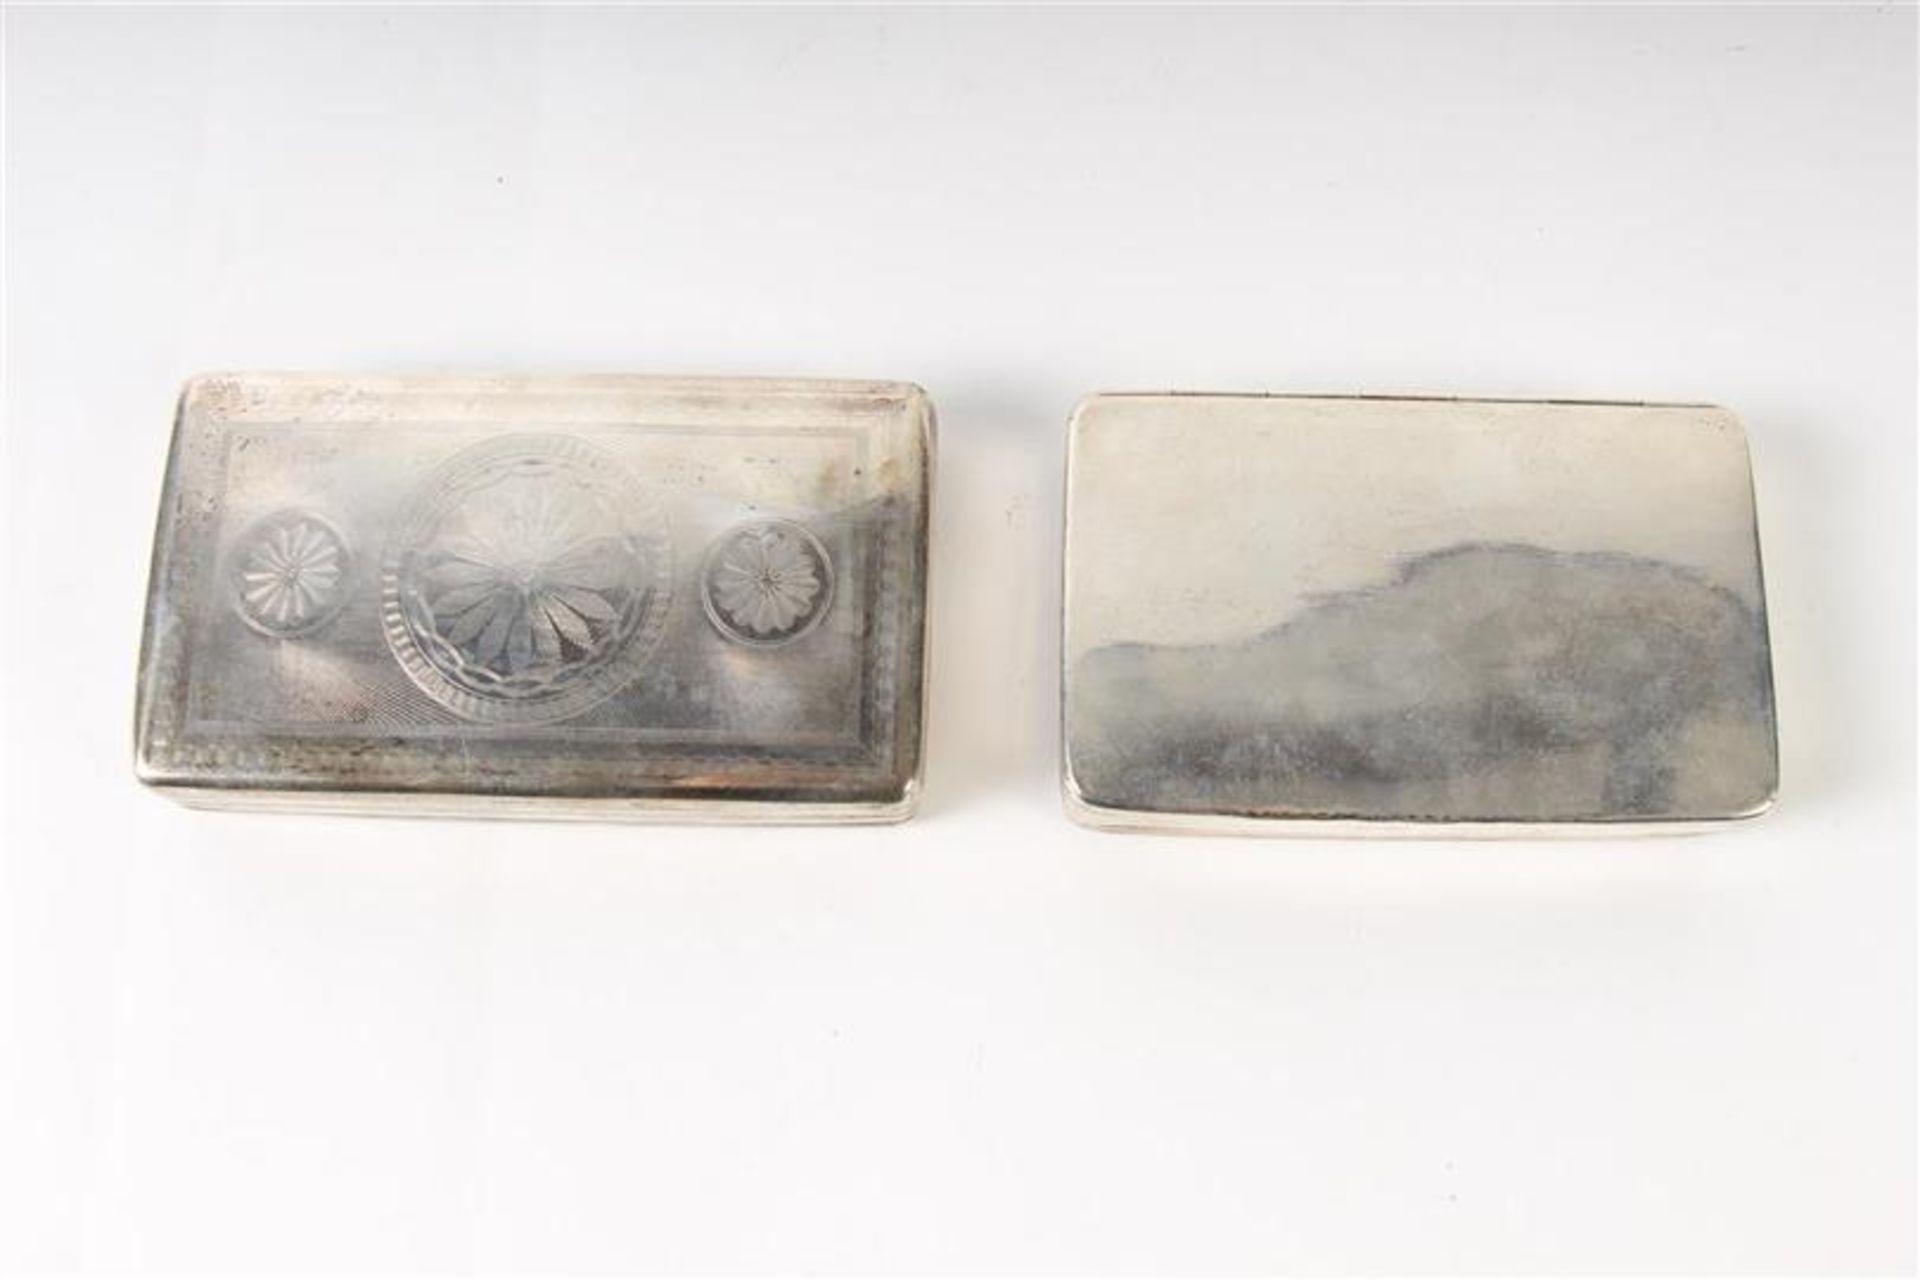 Twee zilveren tabaksdozen, Hollands gekeurd. HxBxD: 7 x 12.5 x 2.5 en 7 x 11.3 x 2.3 cm.